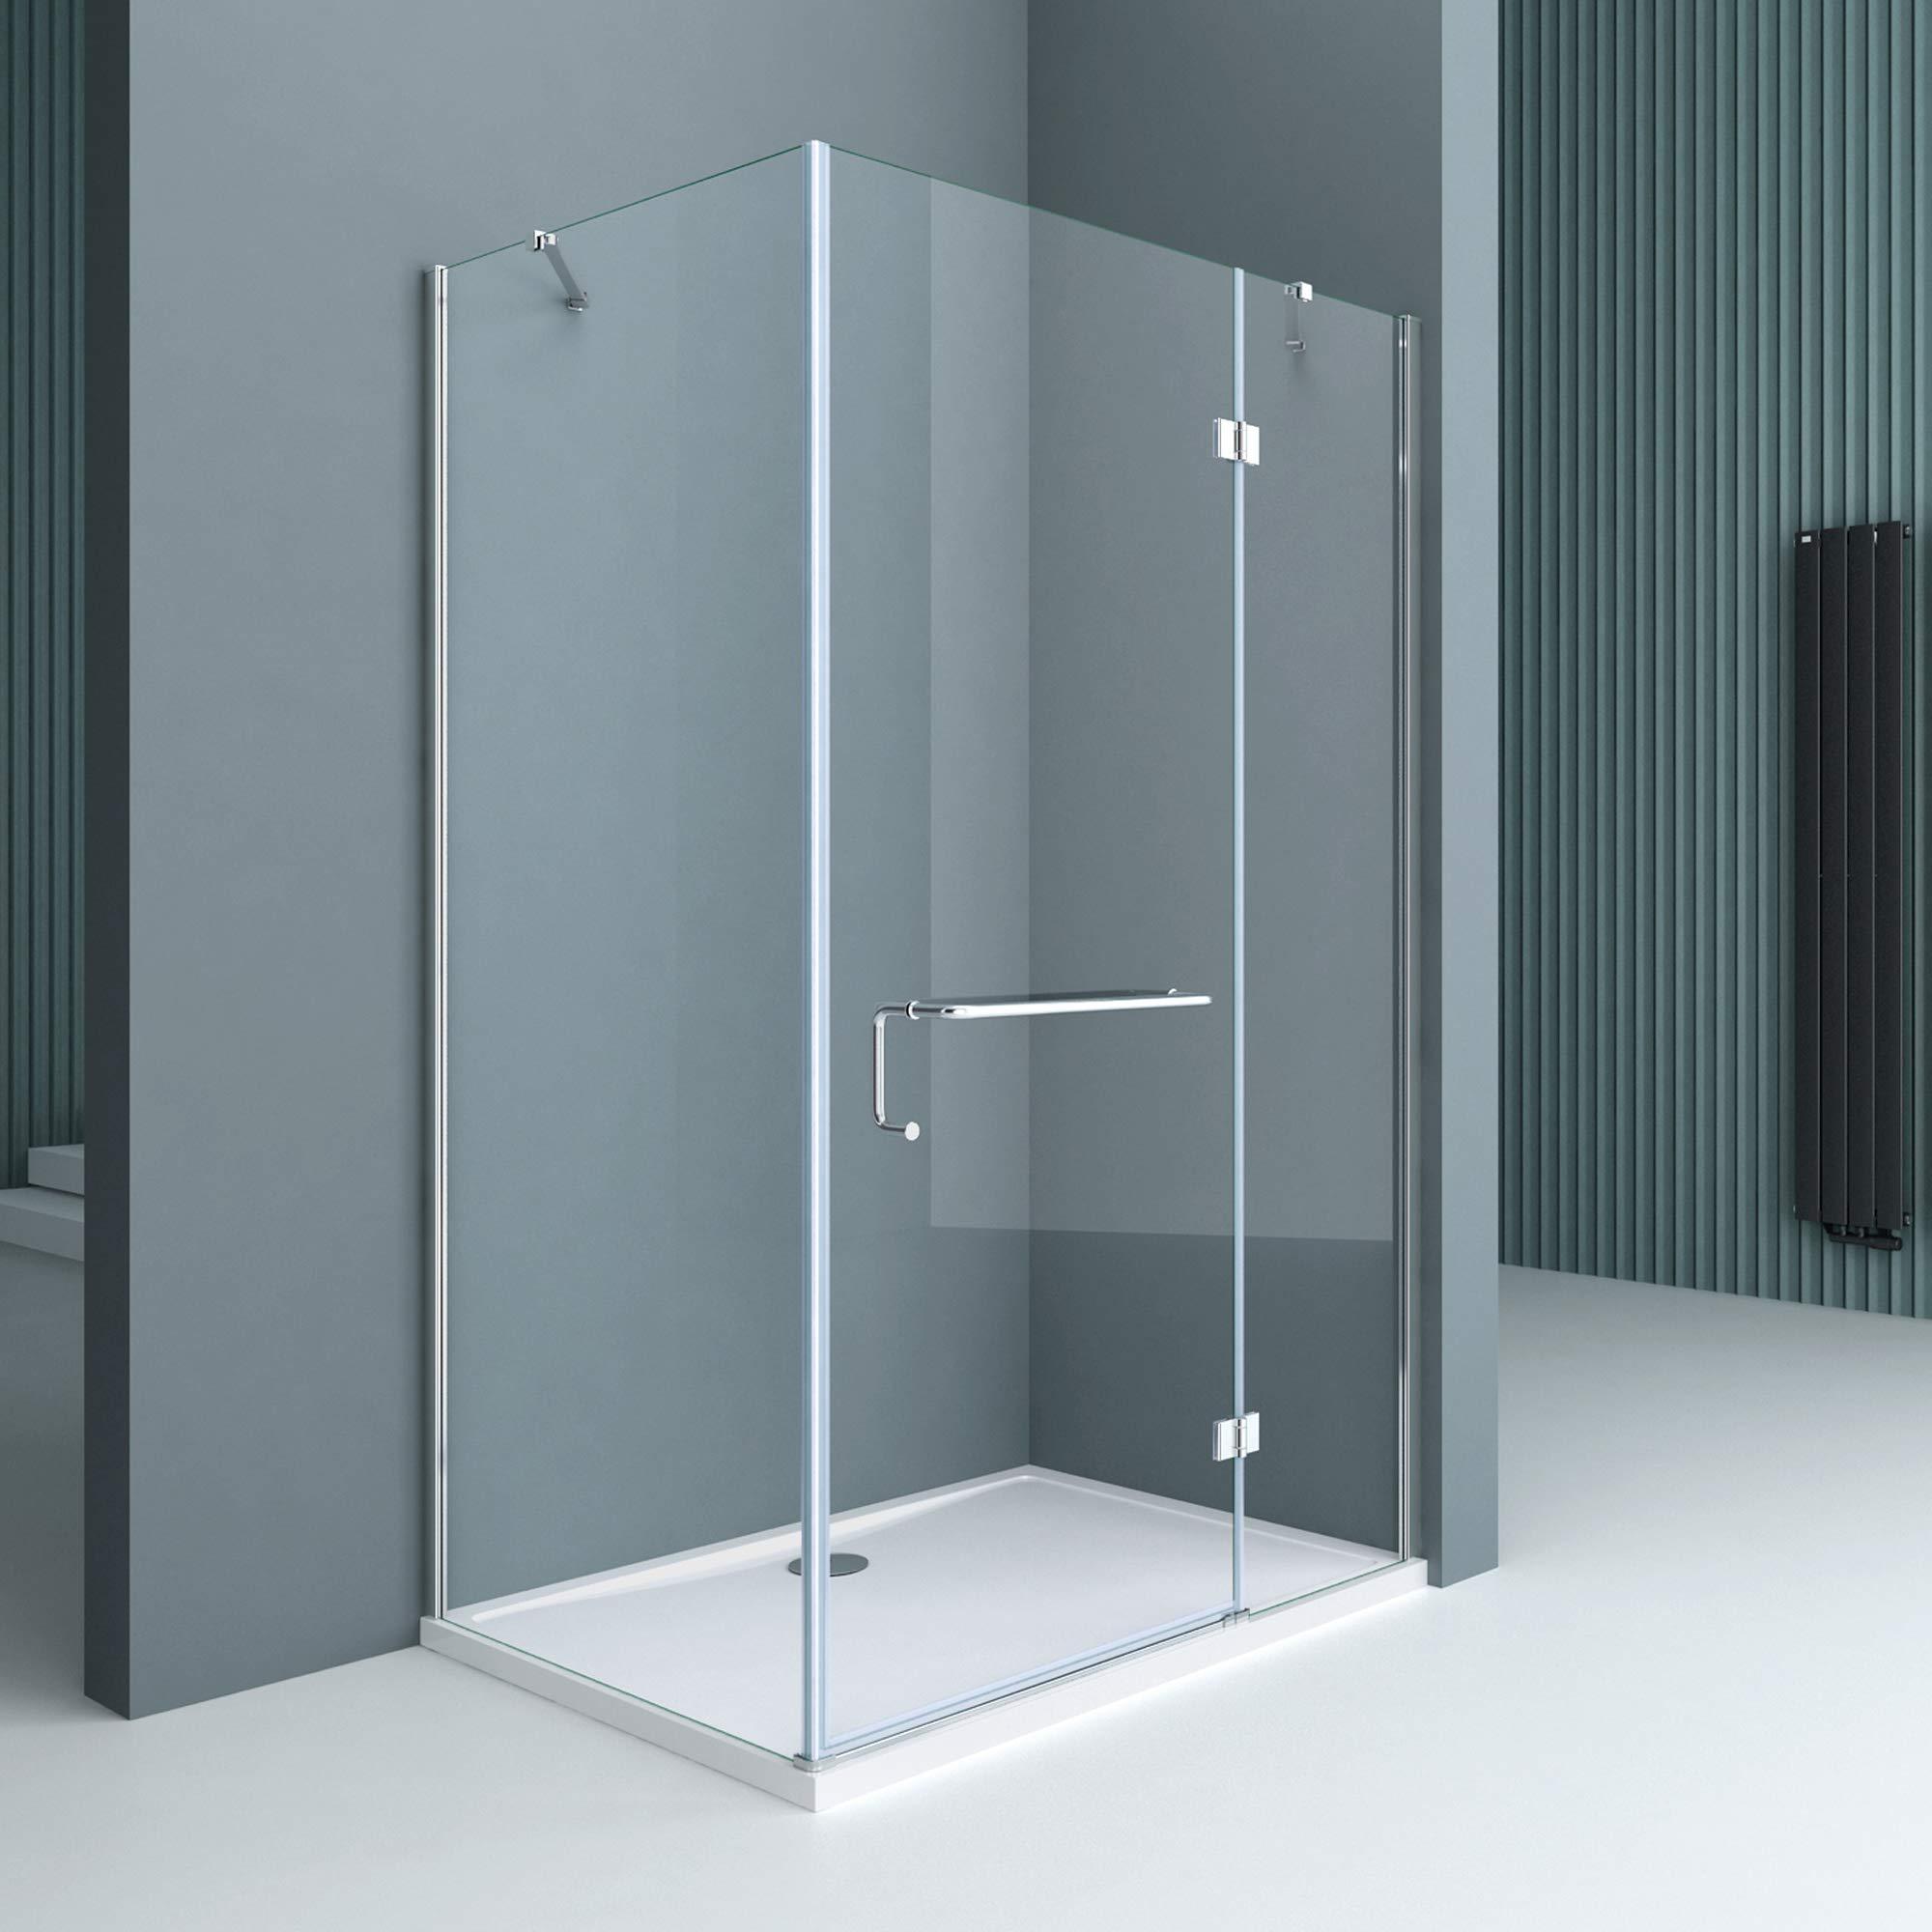 Sogood Cabina de ducha esquinera Rav04K 100x90x190cm, mampara de vidrio de seguridad templado transparente | Con plato de ducha plano 4cm en blanco: Amazon.es: Bricolaje y herramientas